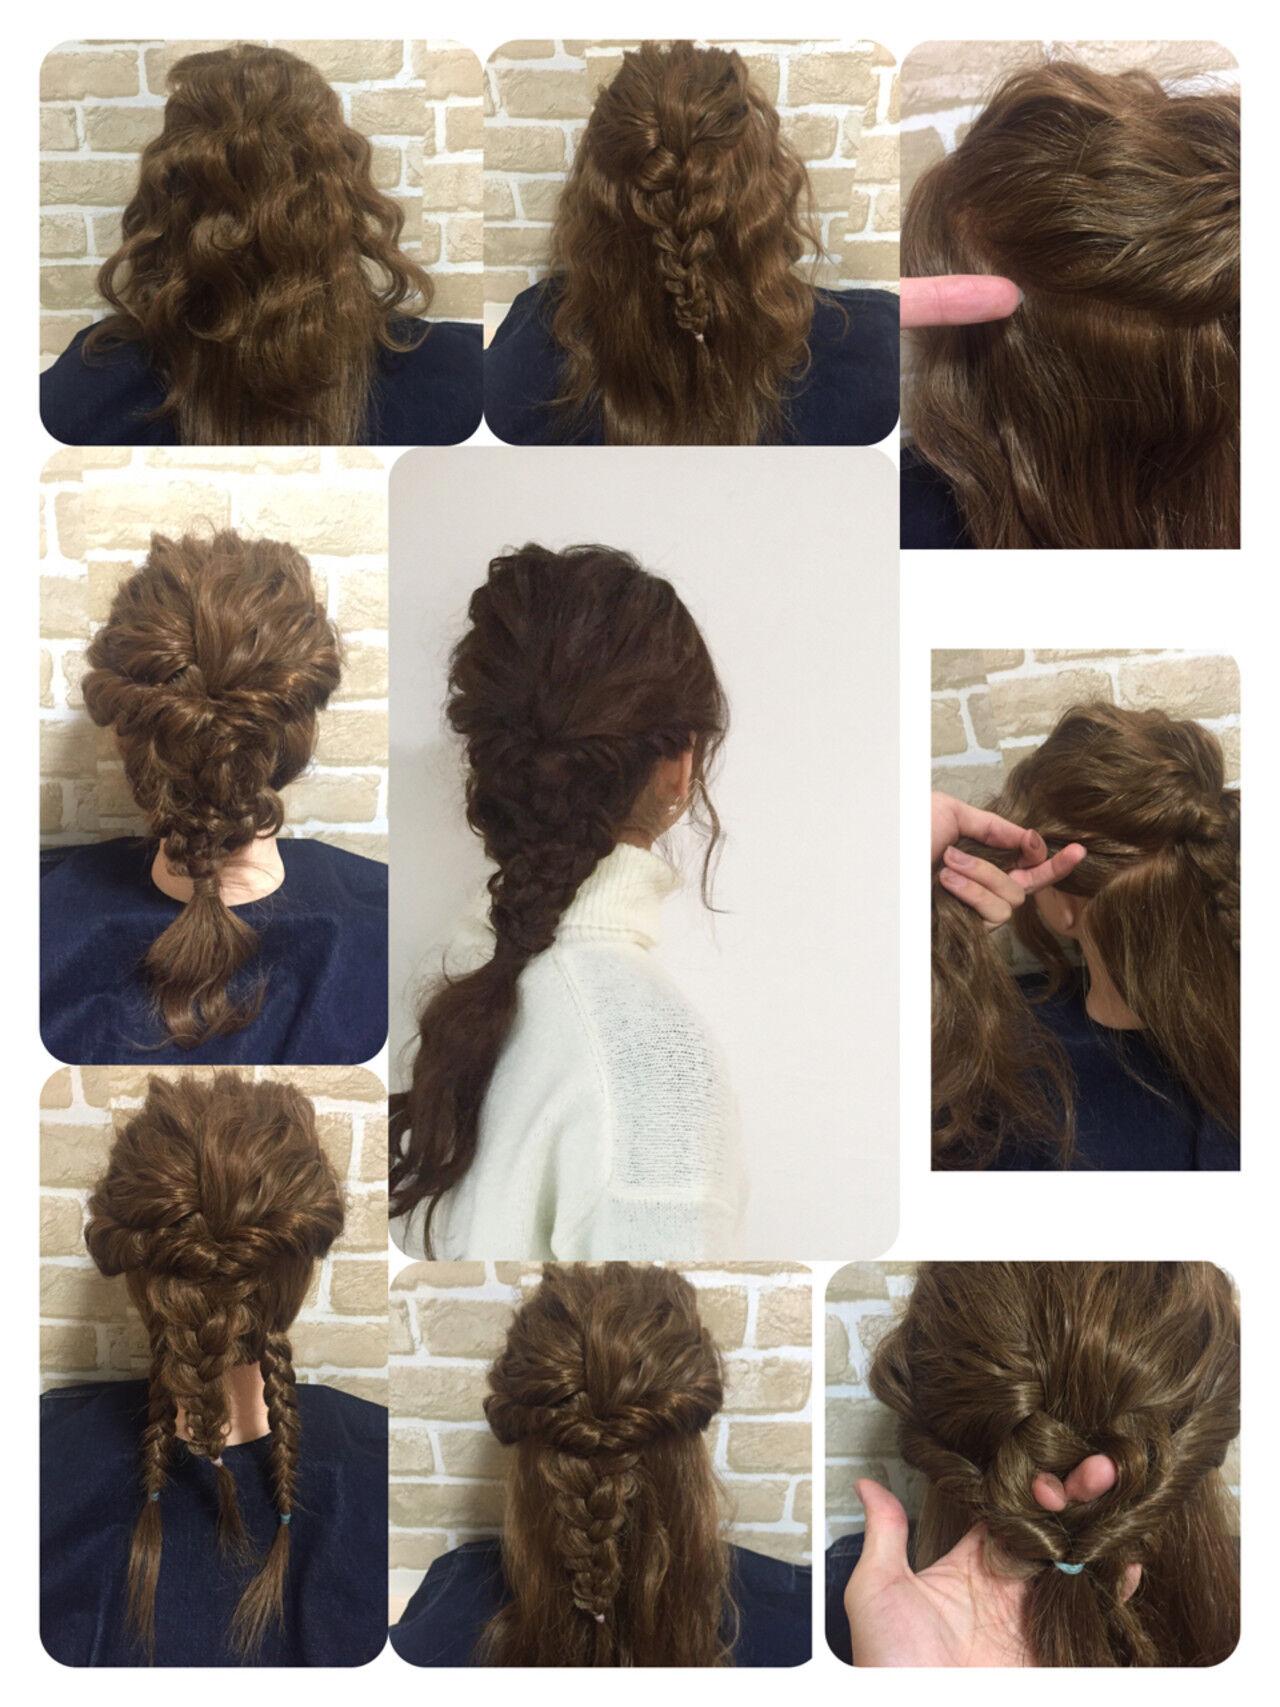 ゆるふわ ロング パーティ ヘアアレンジヘアスタイルや髪型の写真・画像